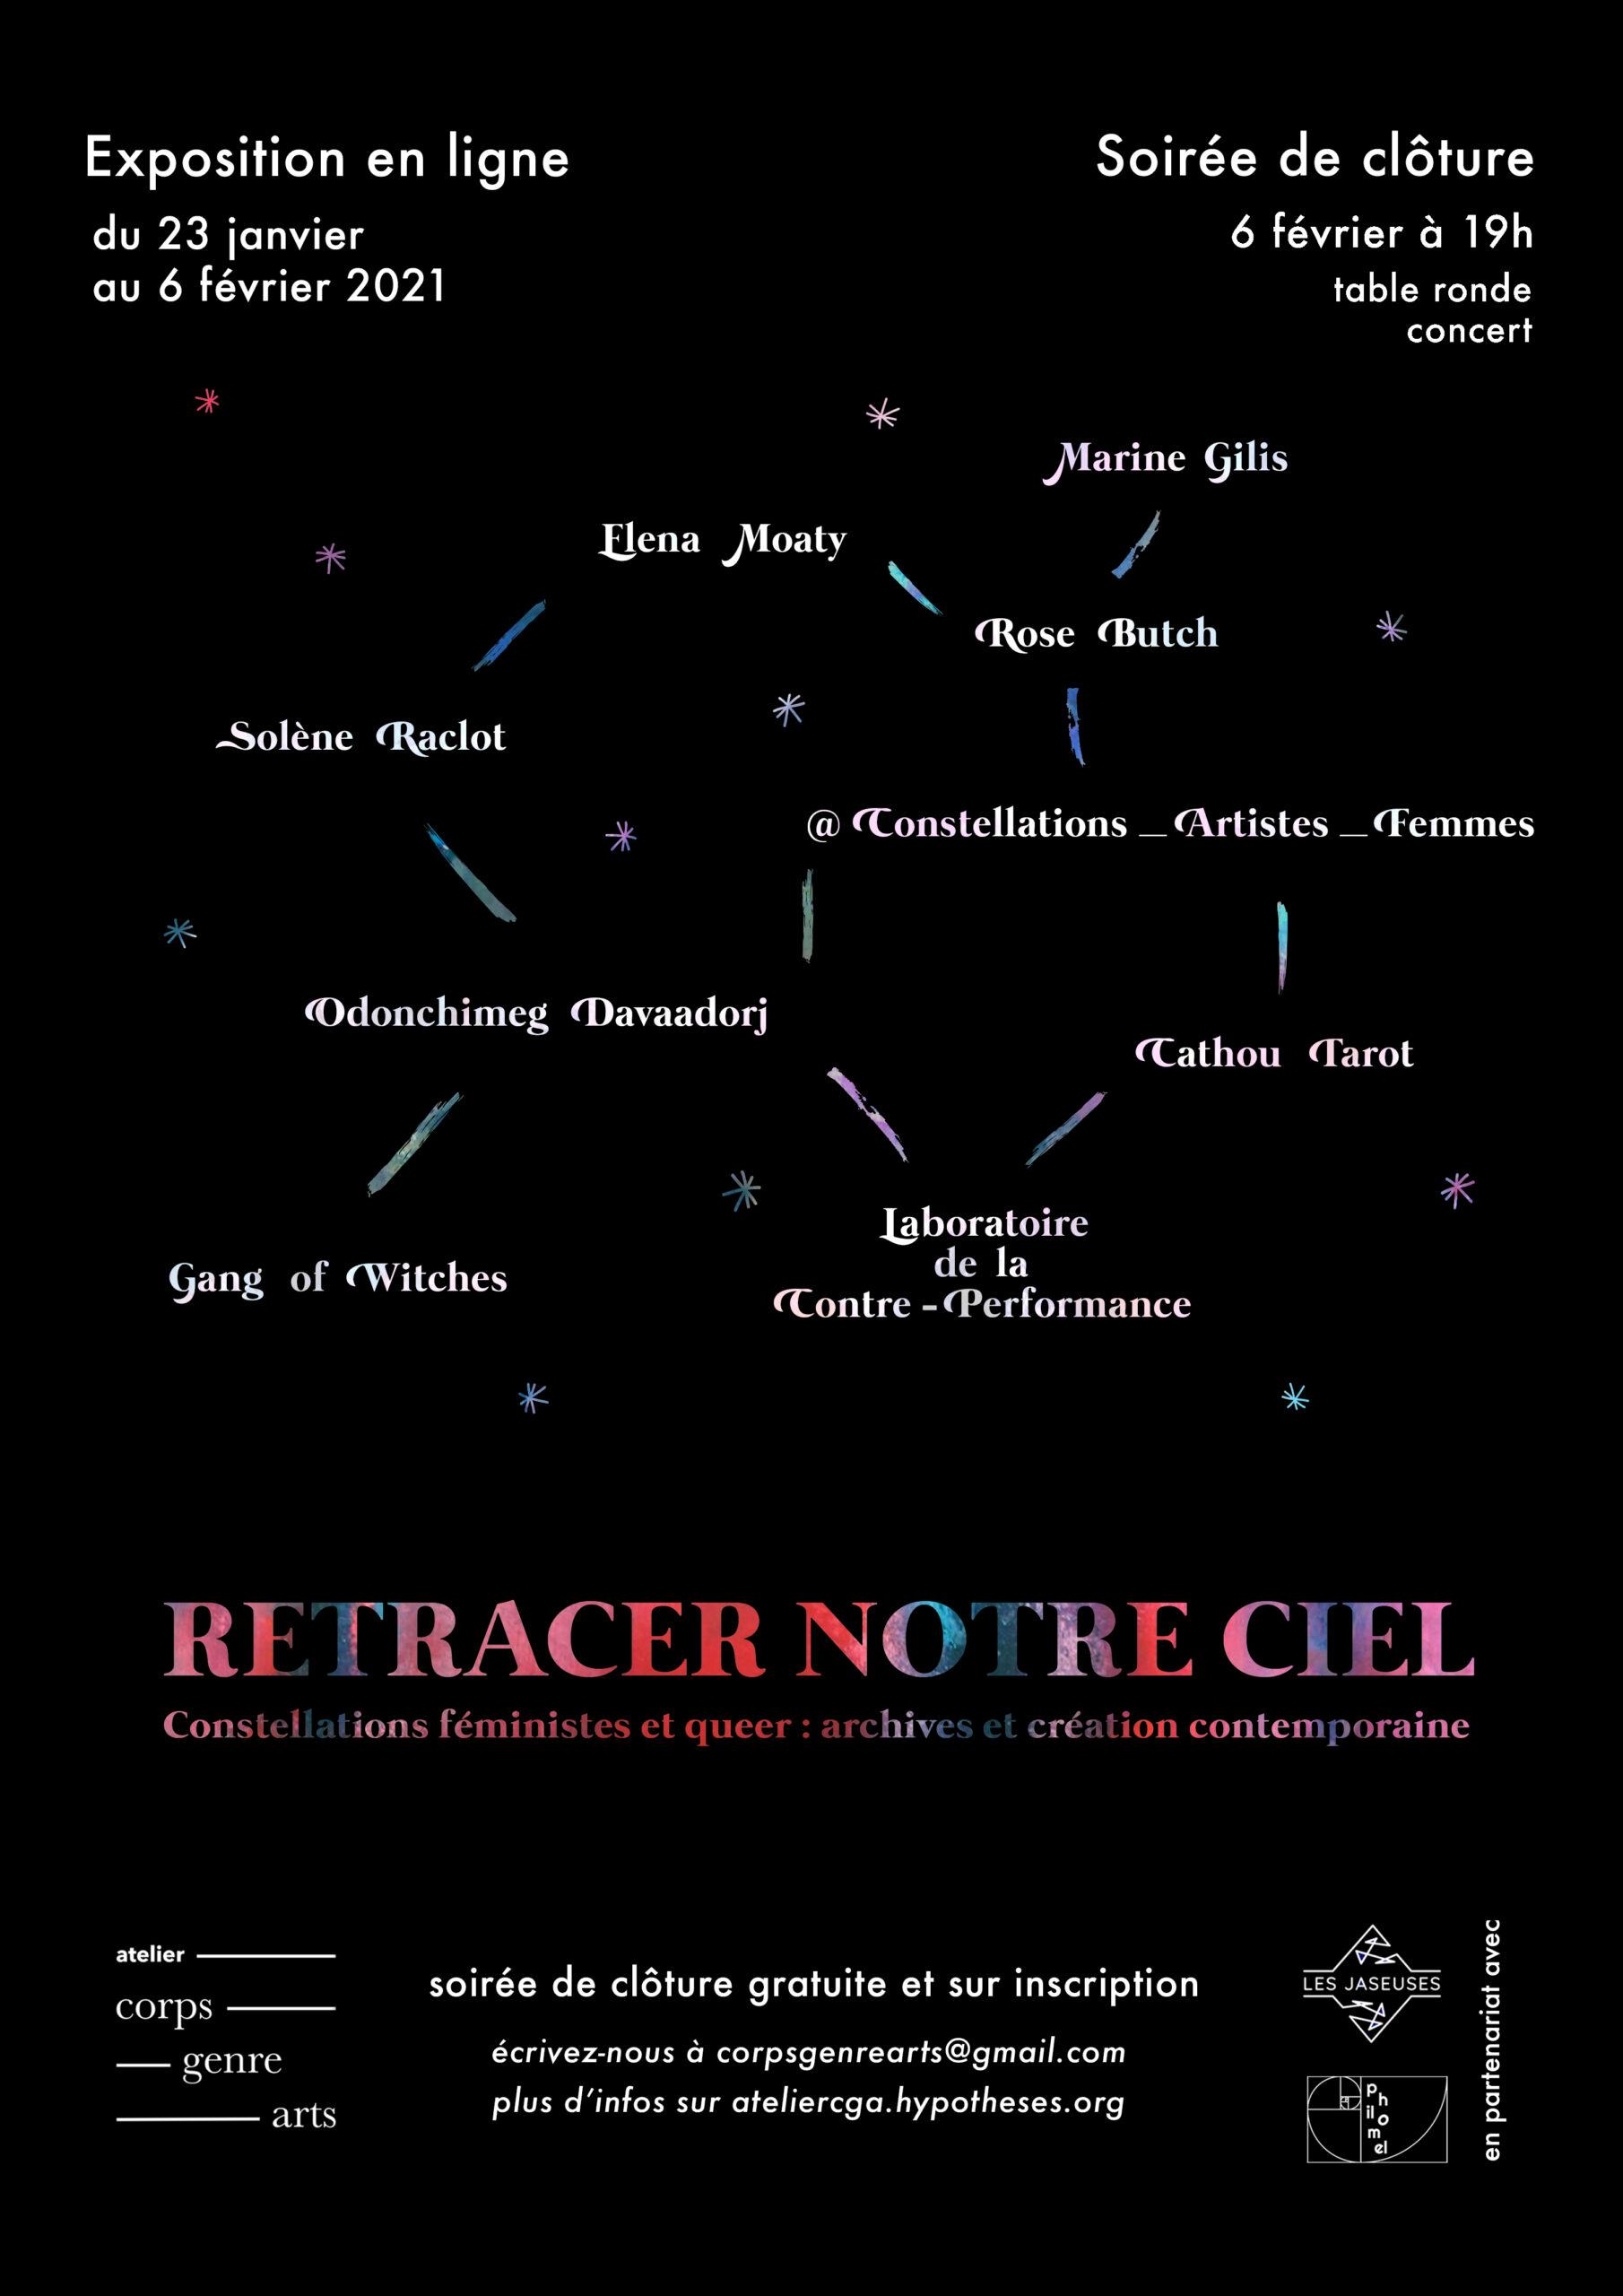 Retracer notre ciel - Constellations créatrices - Archives et création contemporaine